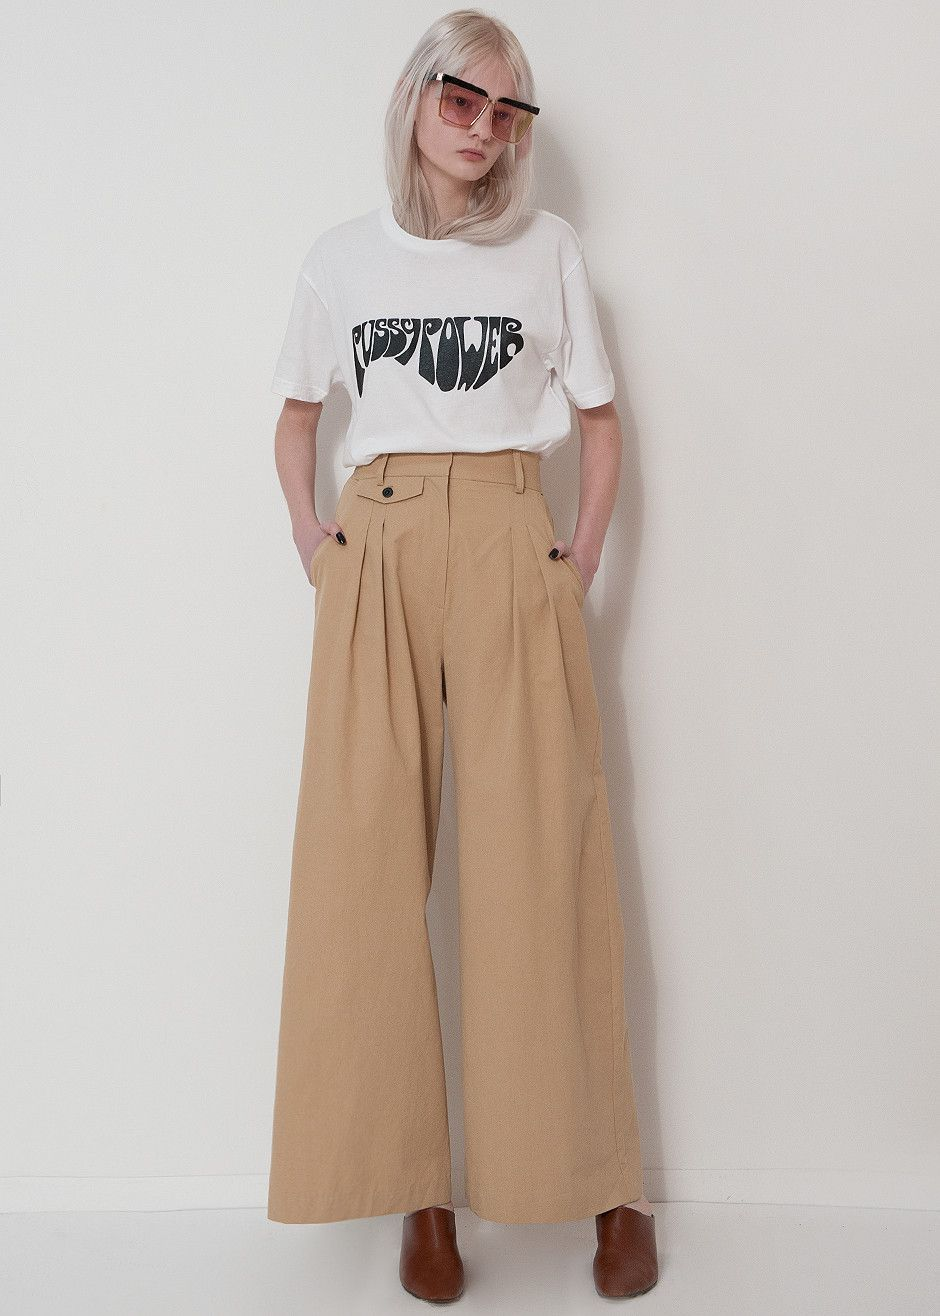 b2c2f475e3 Khaki High Waisted Wide Leg Pant – The Frankie Shop | Since nudity ...